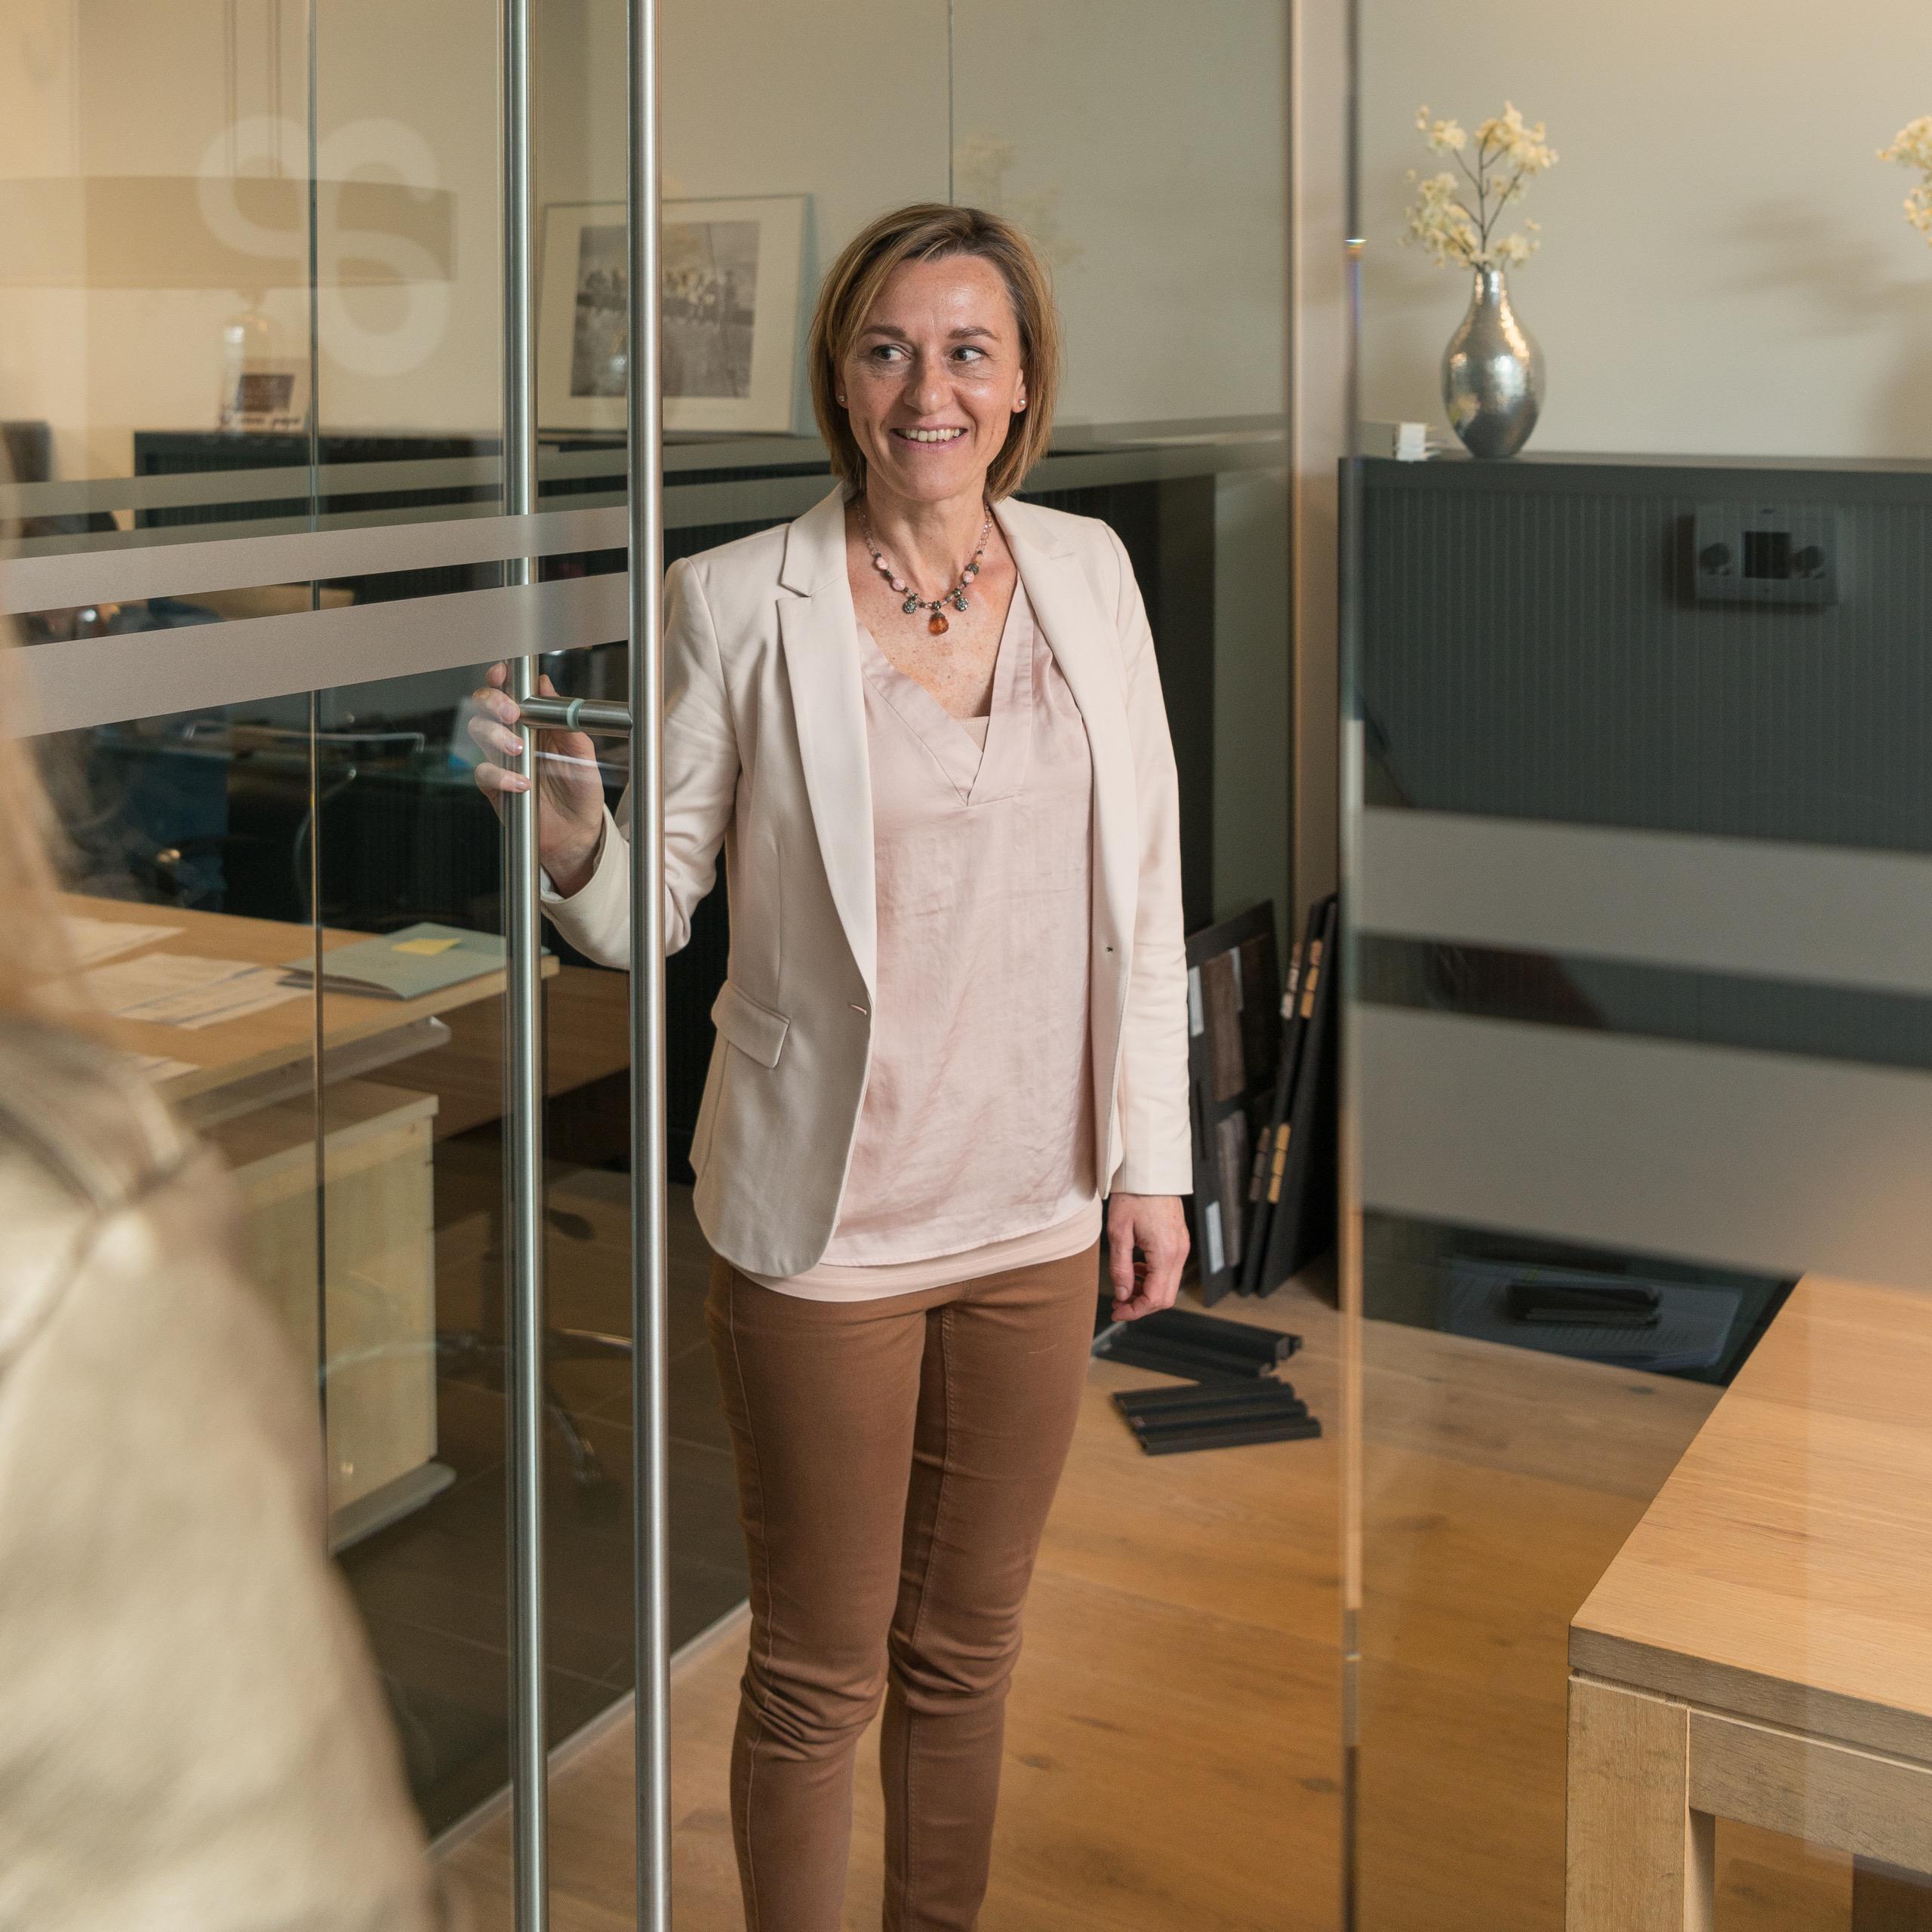 Els ontvangt een klant in het kantoor van A-Projects